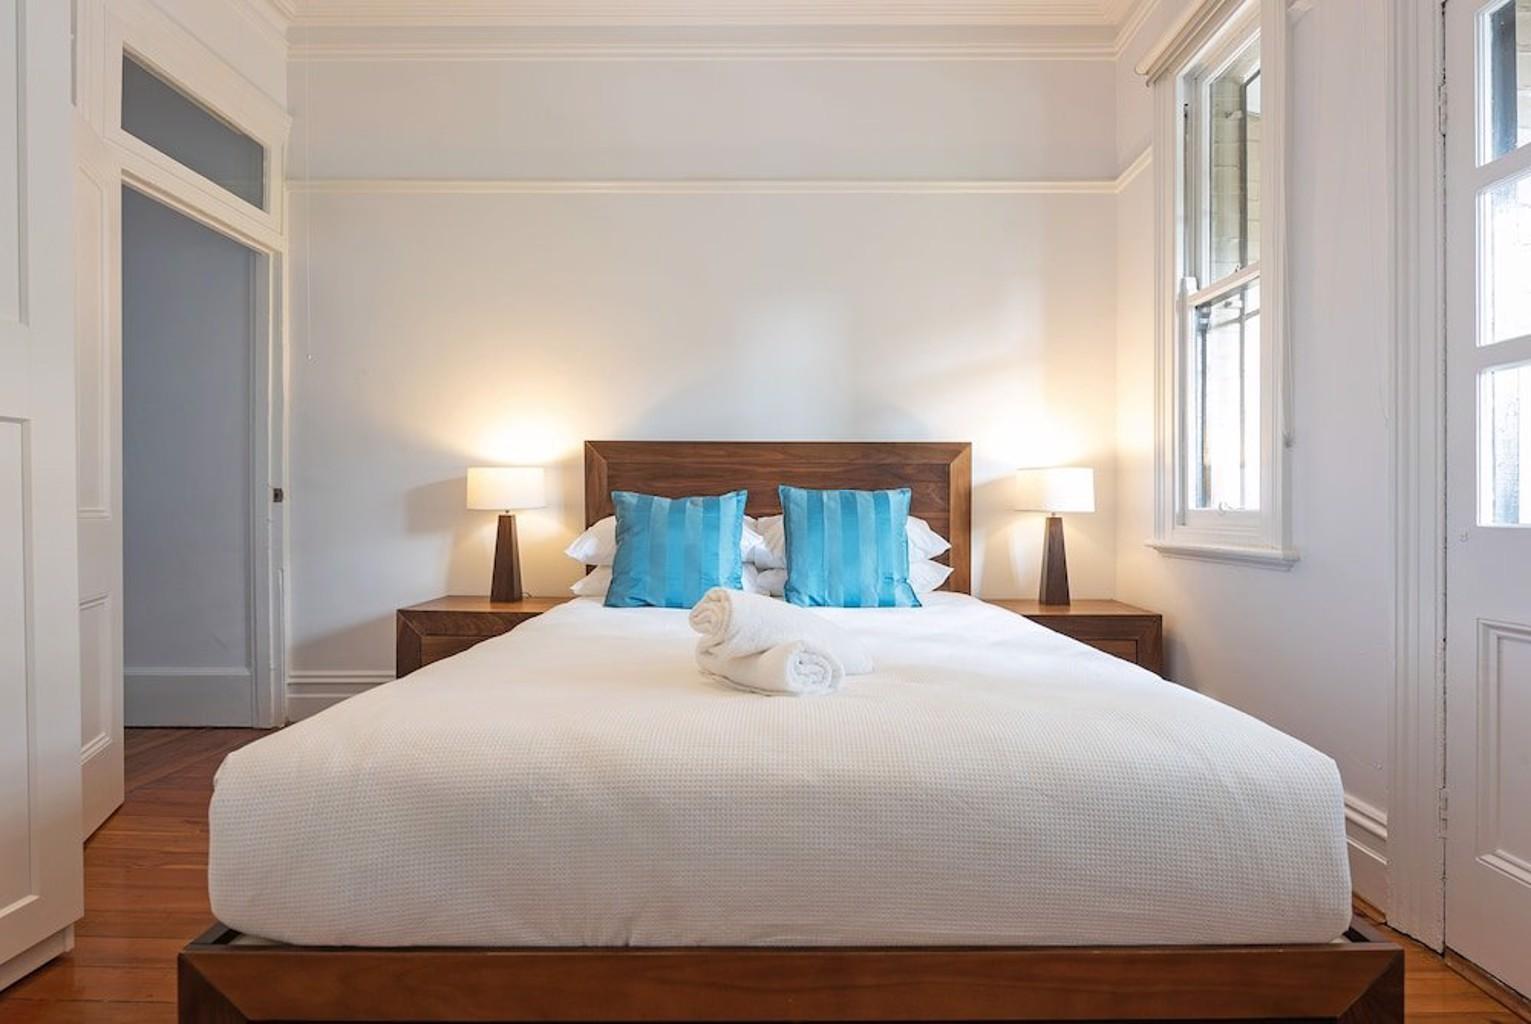 4 Bedroom House Darlinghurst Sydney CBD